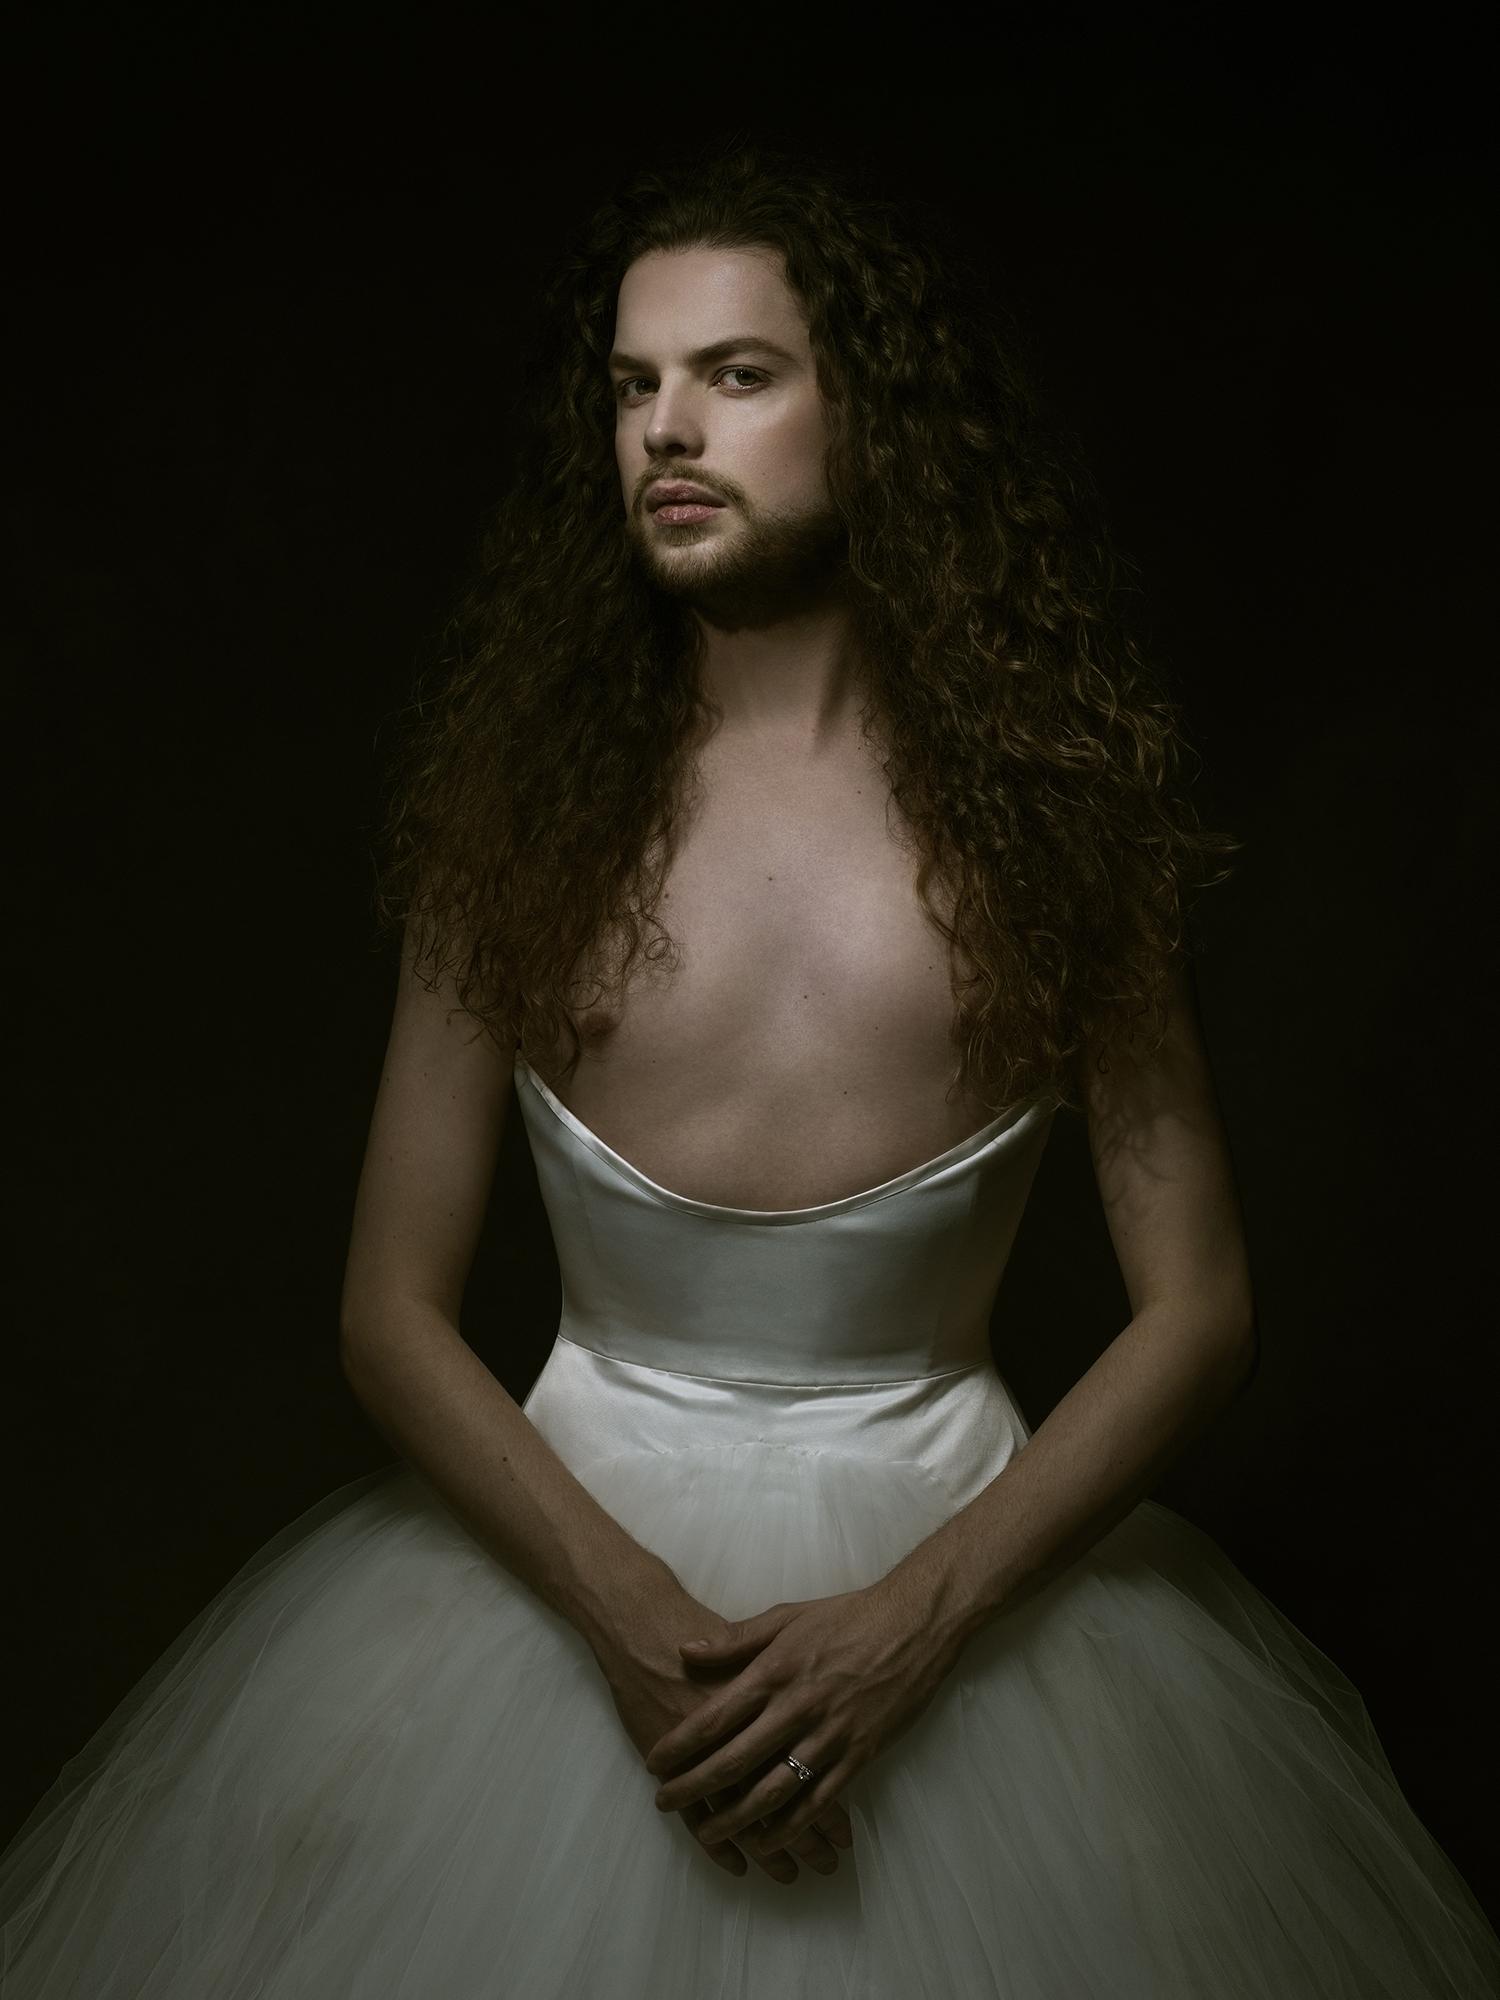 The Bride V